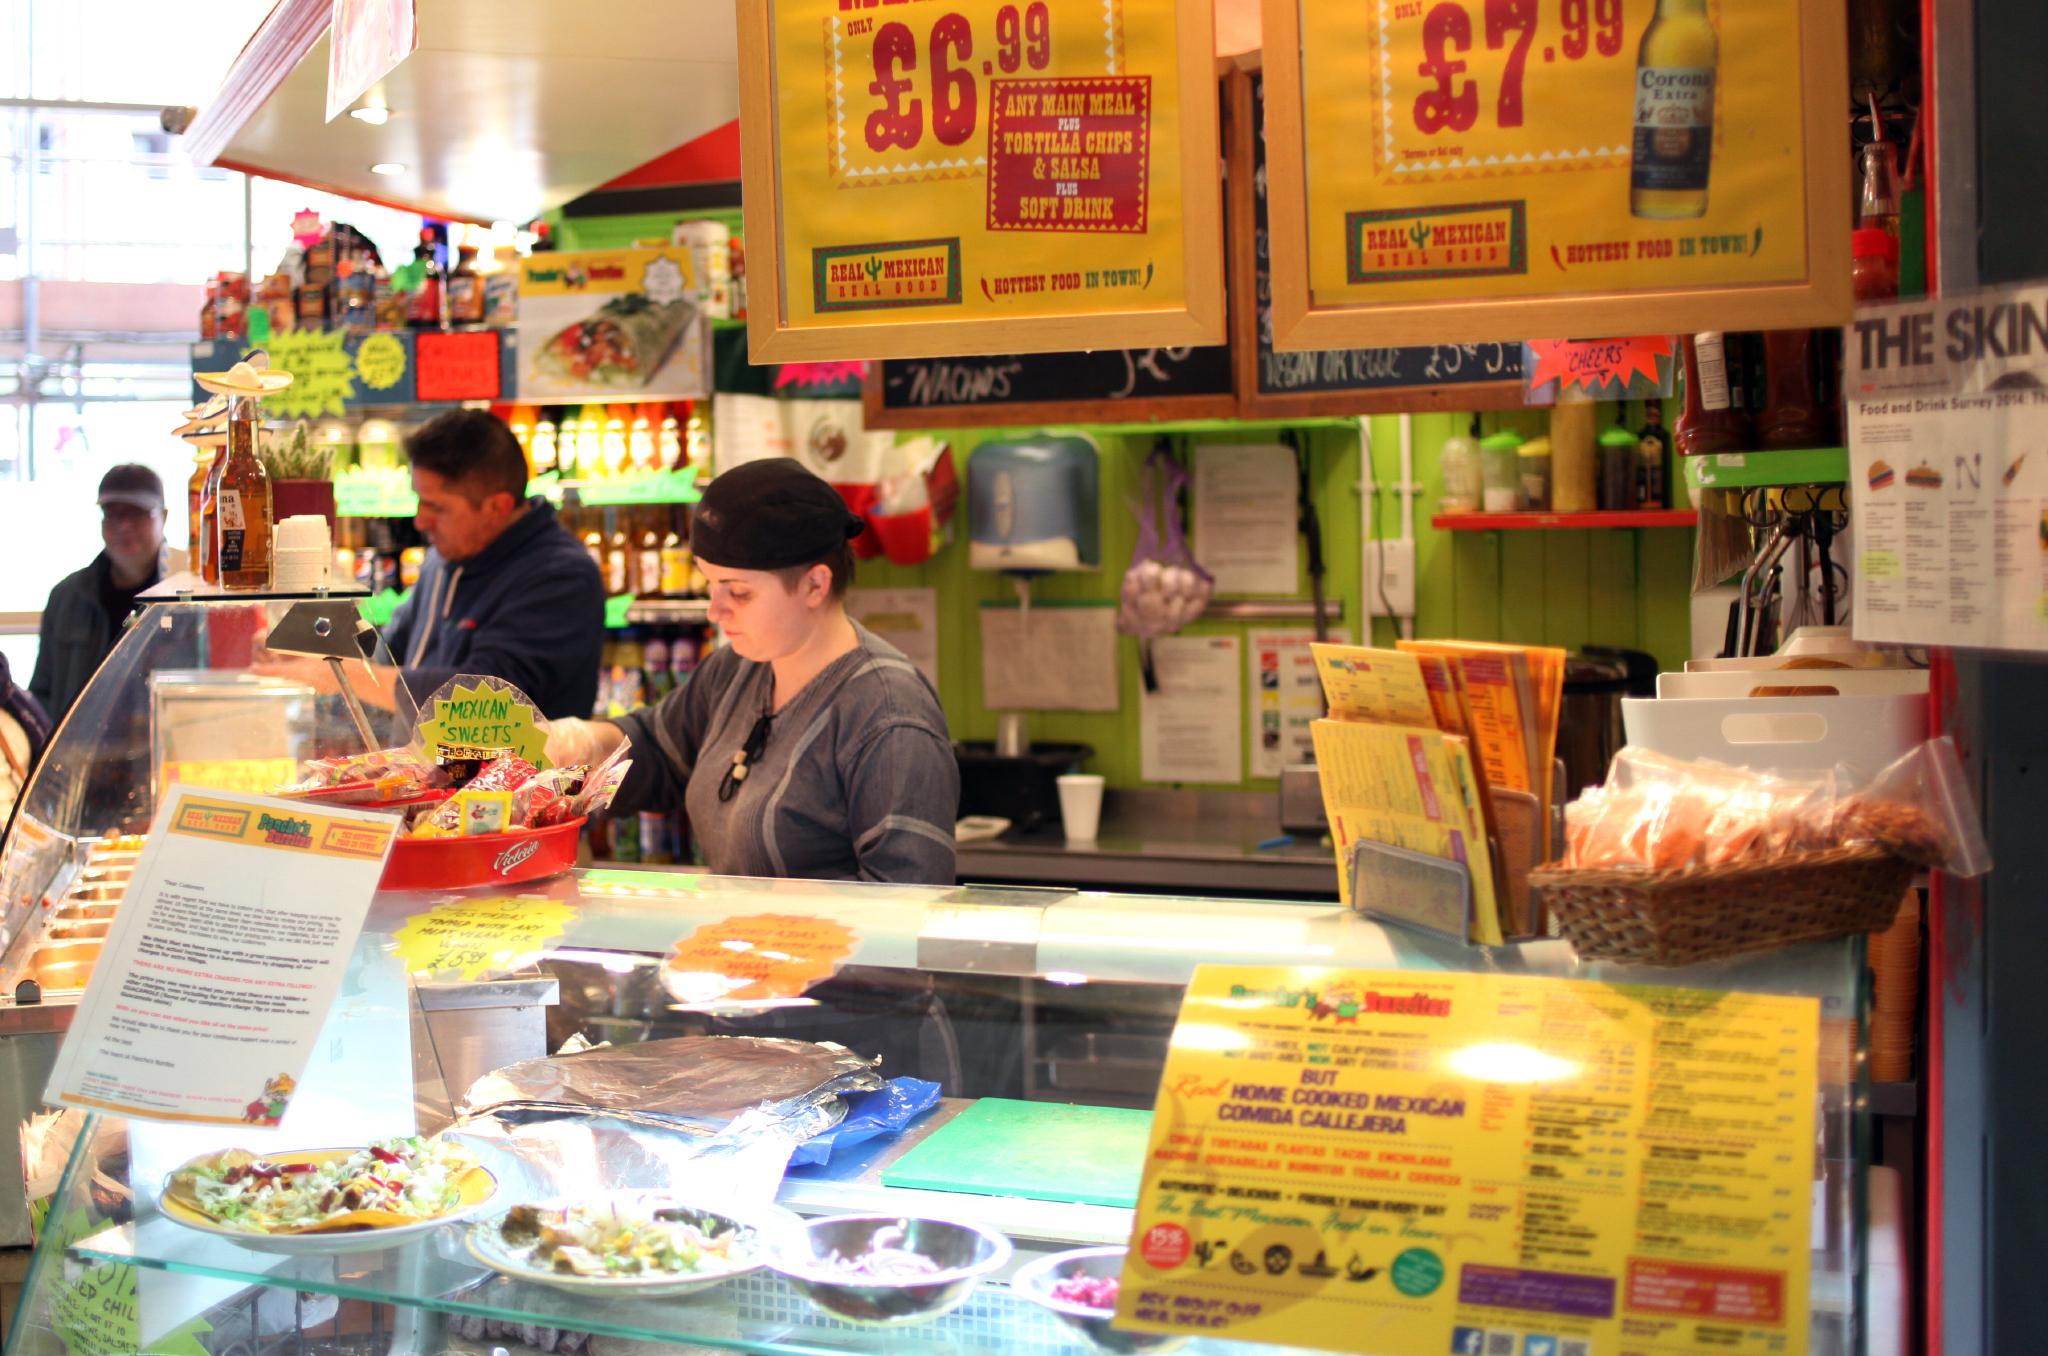 Pancho's Burritos, Manchester, Service